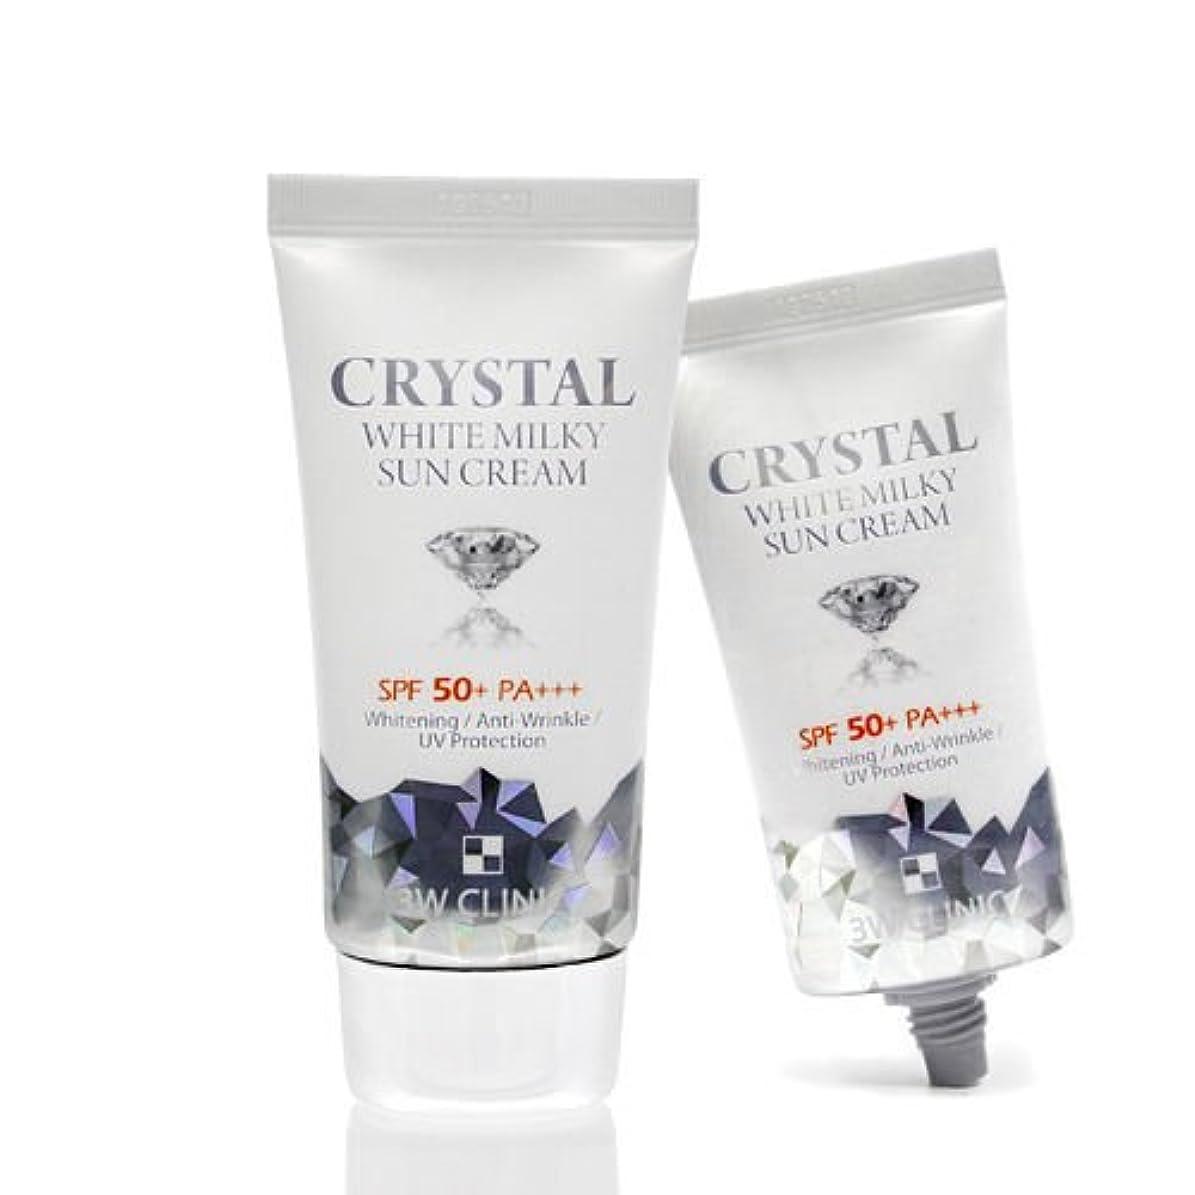 アクセル仮定するスクラッチ3Wクリニック[韓国コスメ3w Clinic]Crystal White Milky Sun Cream クリスタルホワイトミルキー 日焼け止めクリーム50ml[並行輸入品]